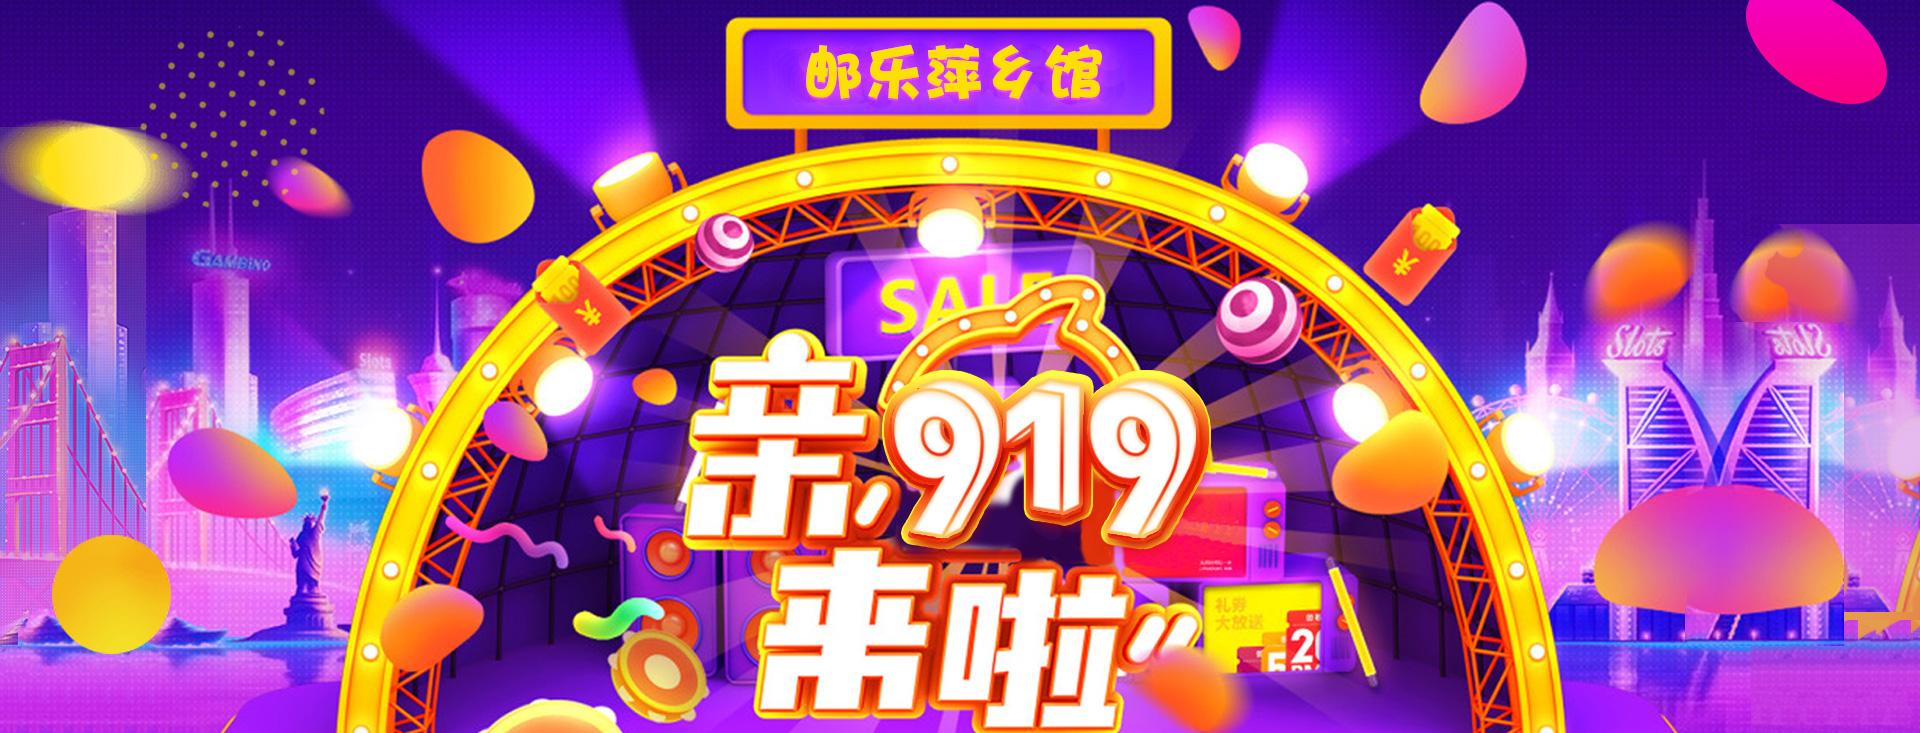 邮乐萍乡馆 亲919来了活动时间2018年9月1日-2018年9月30日